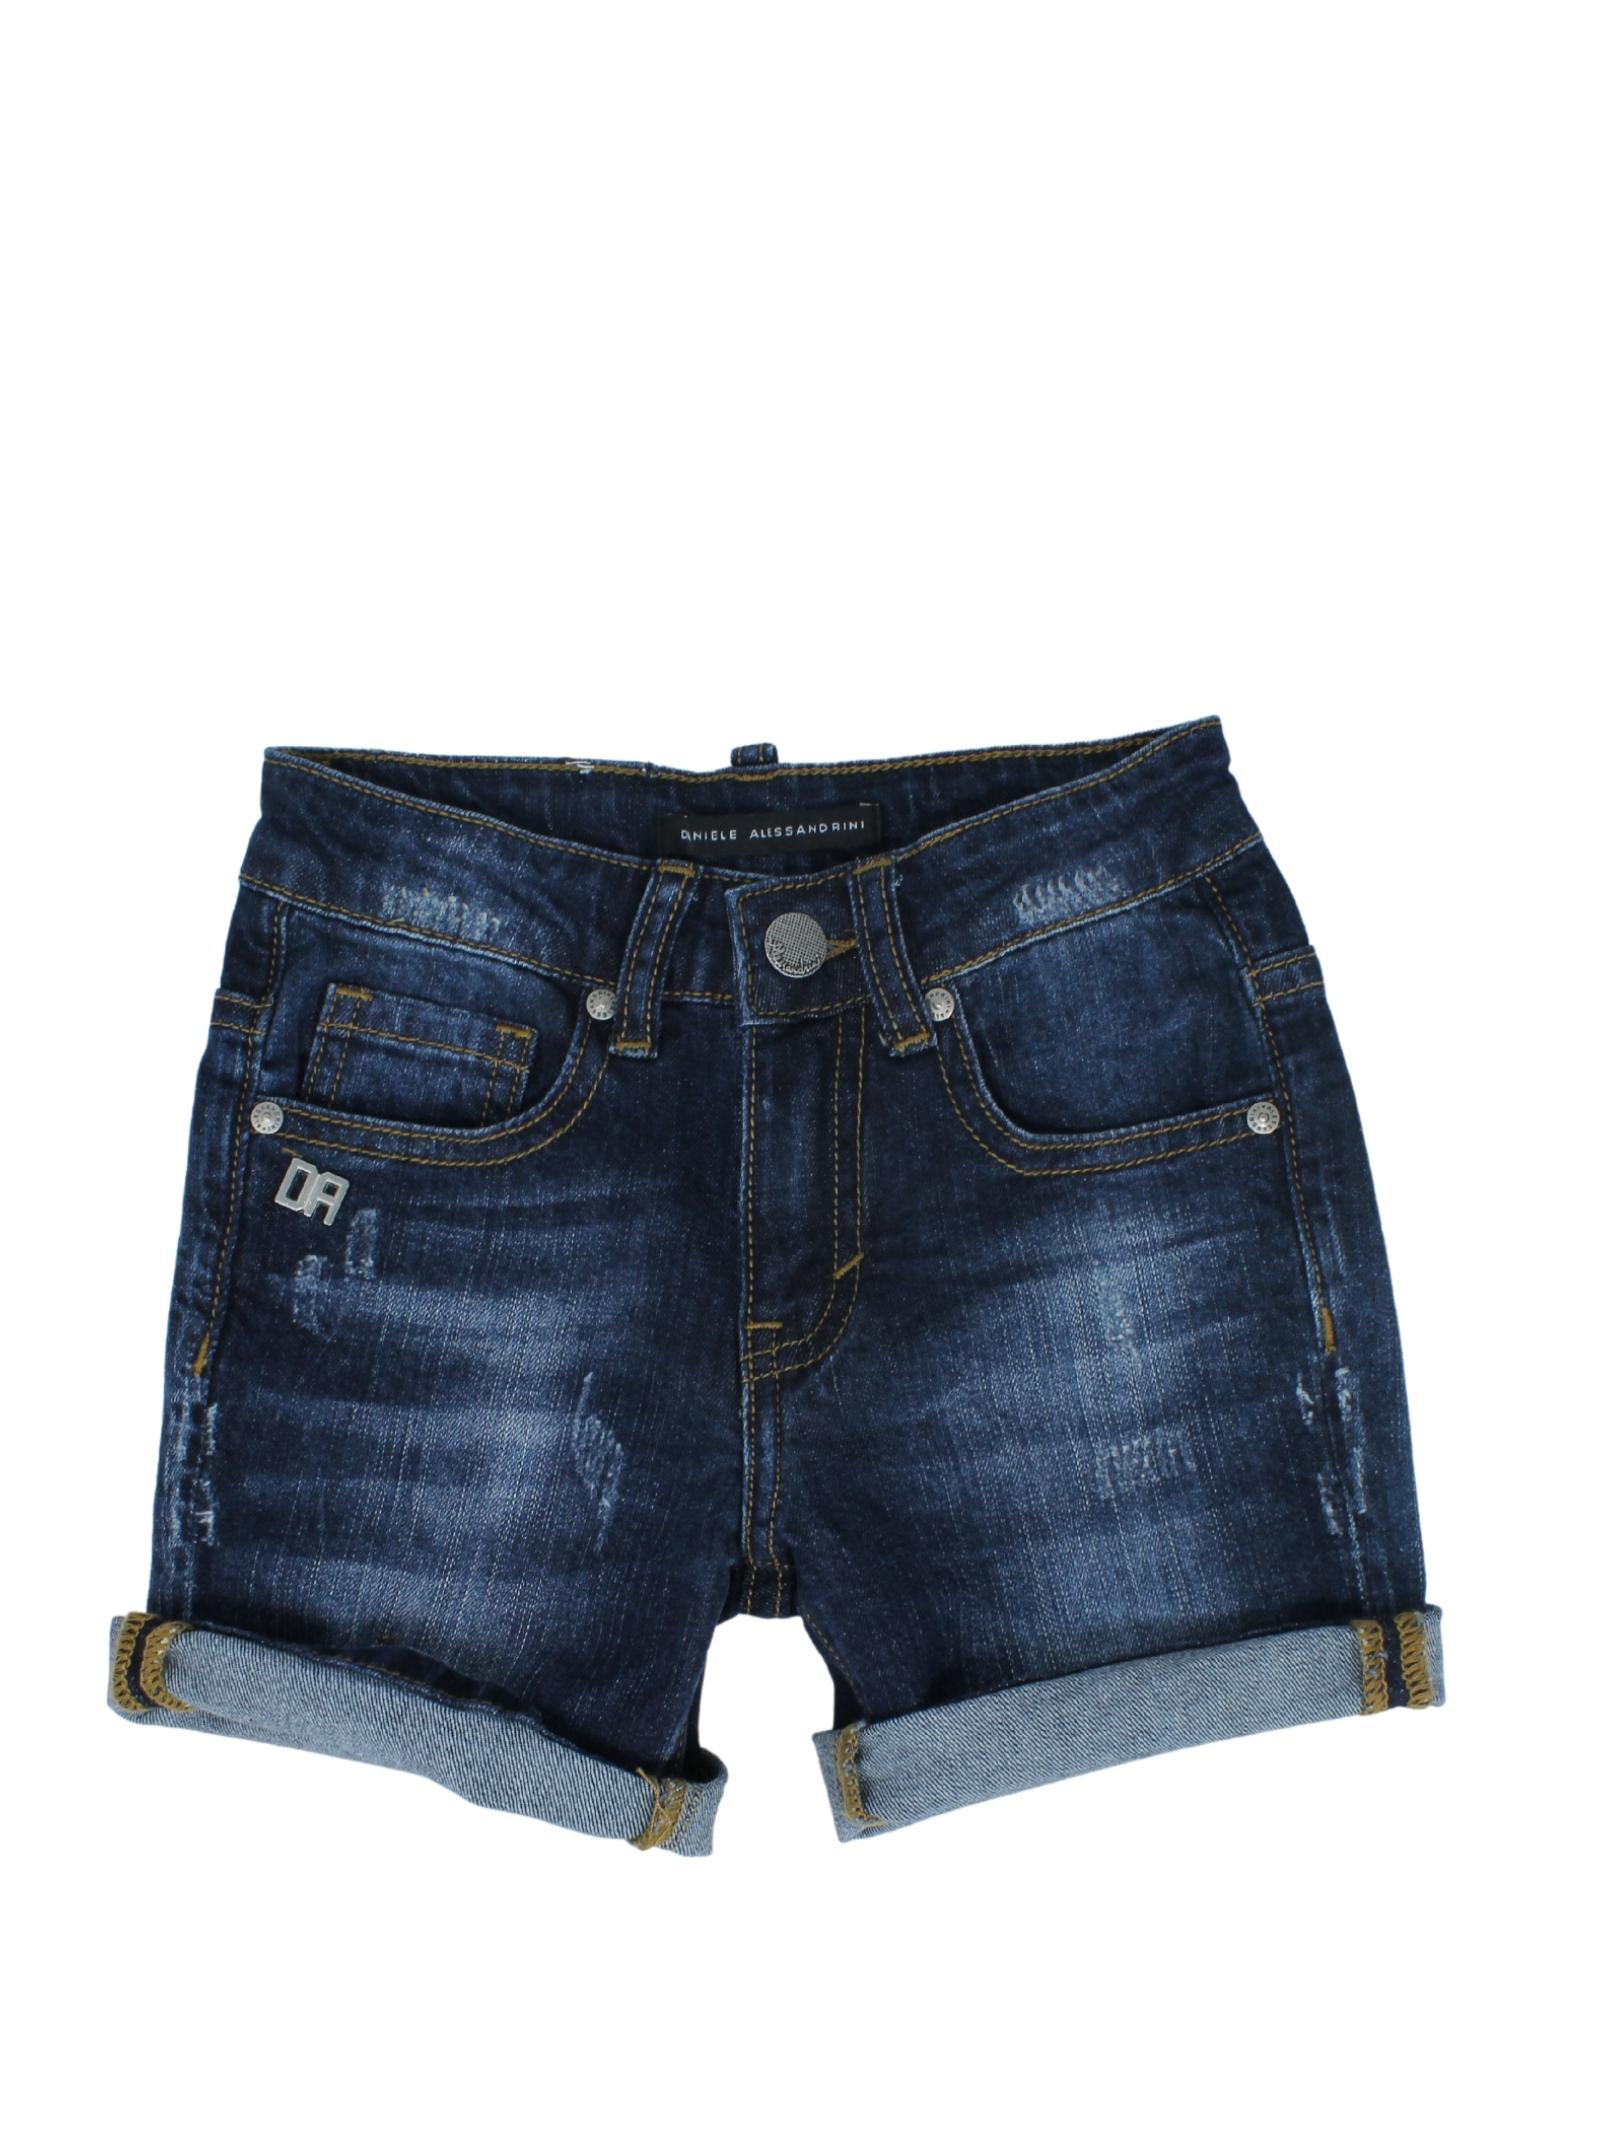 DANIELE ALESSANDRINI JUNIOR | Trousers | 1236D0853DENIM